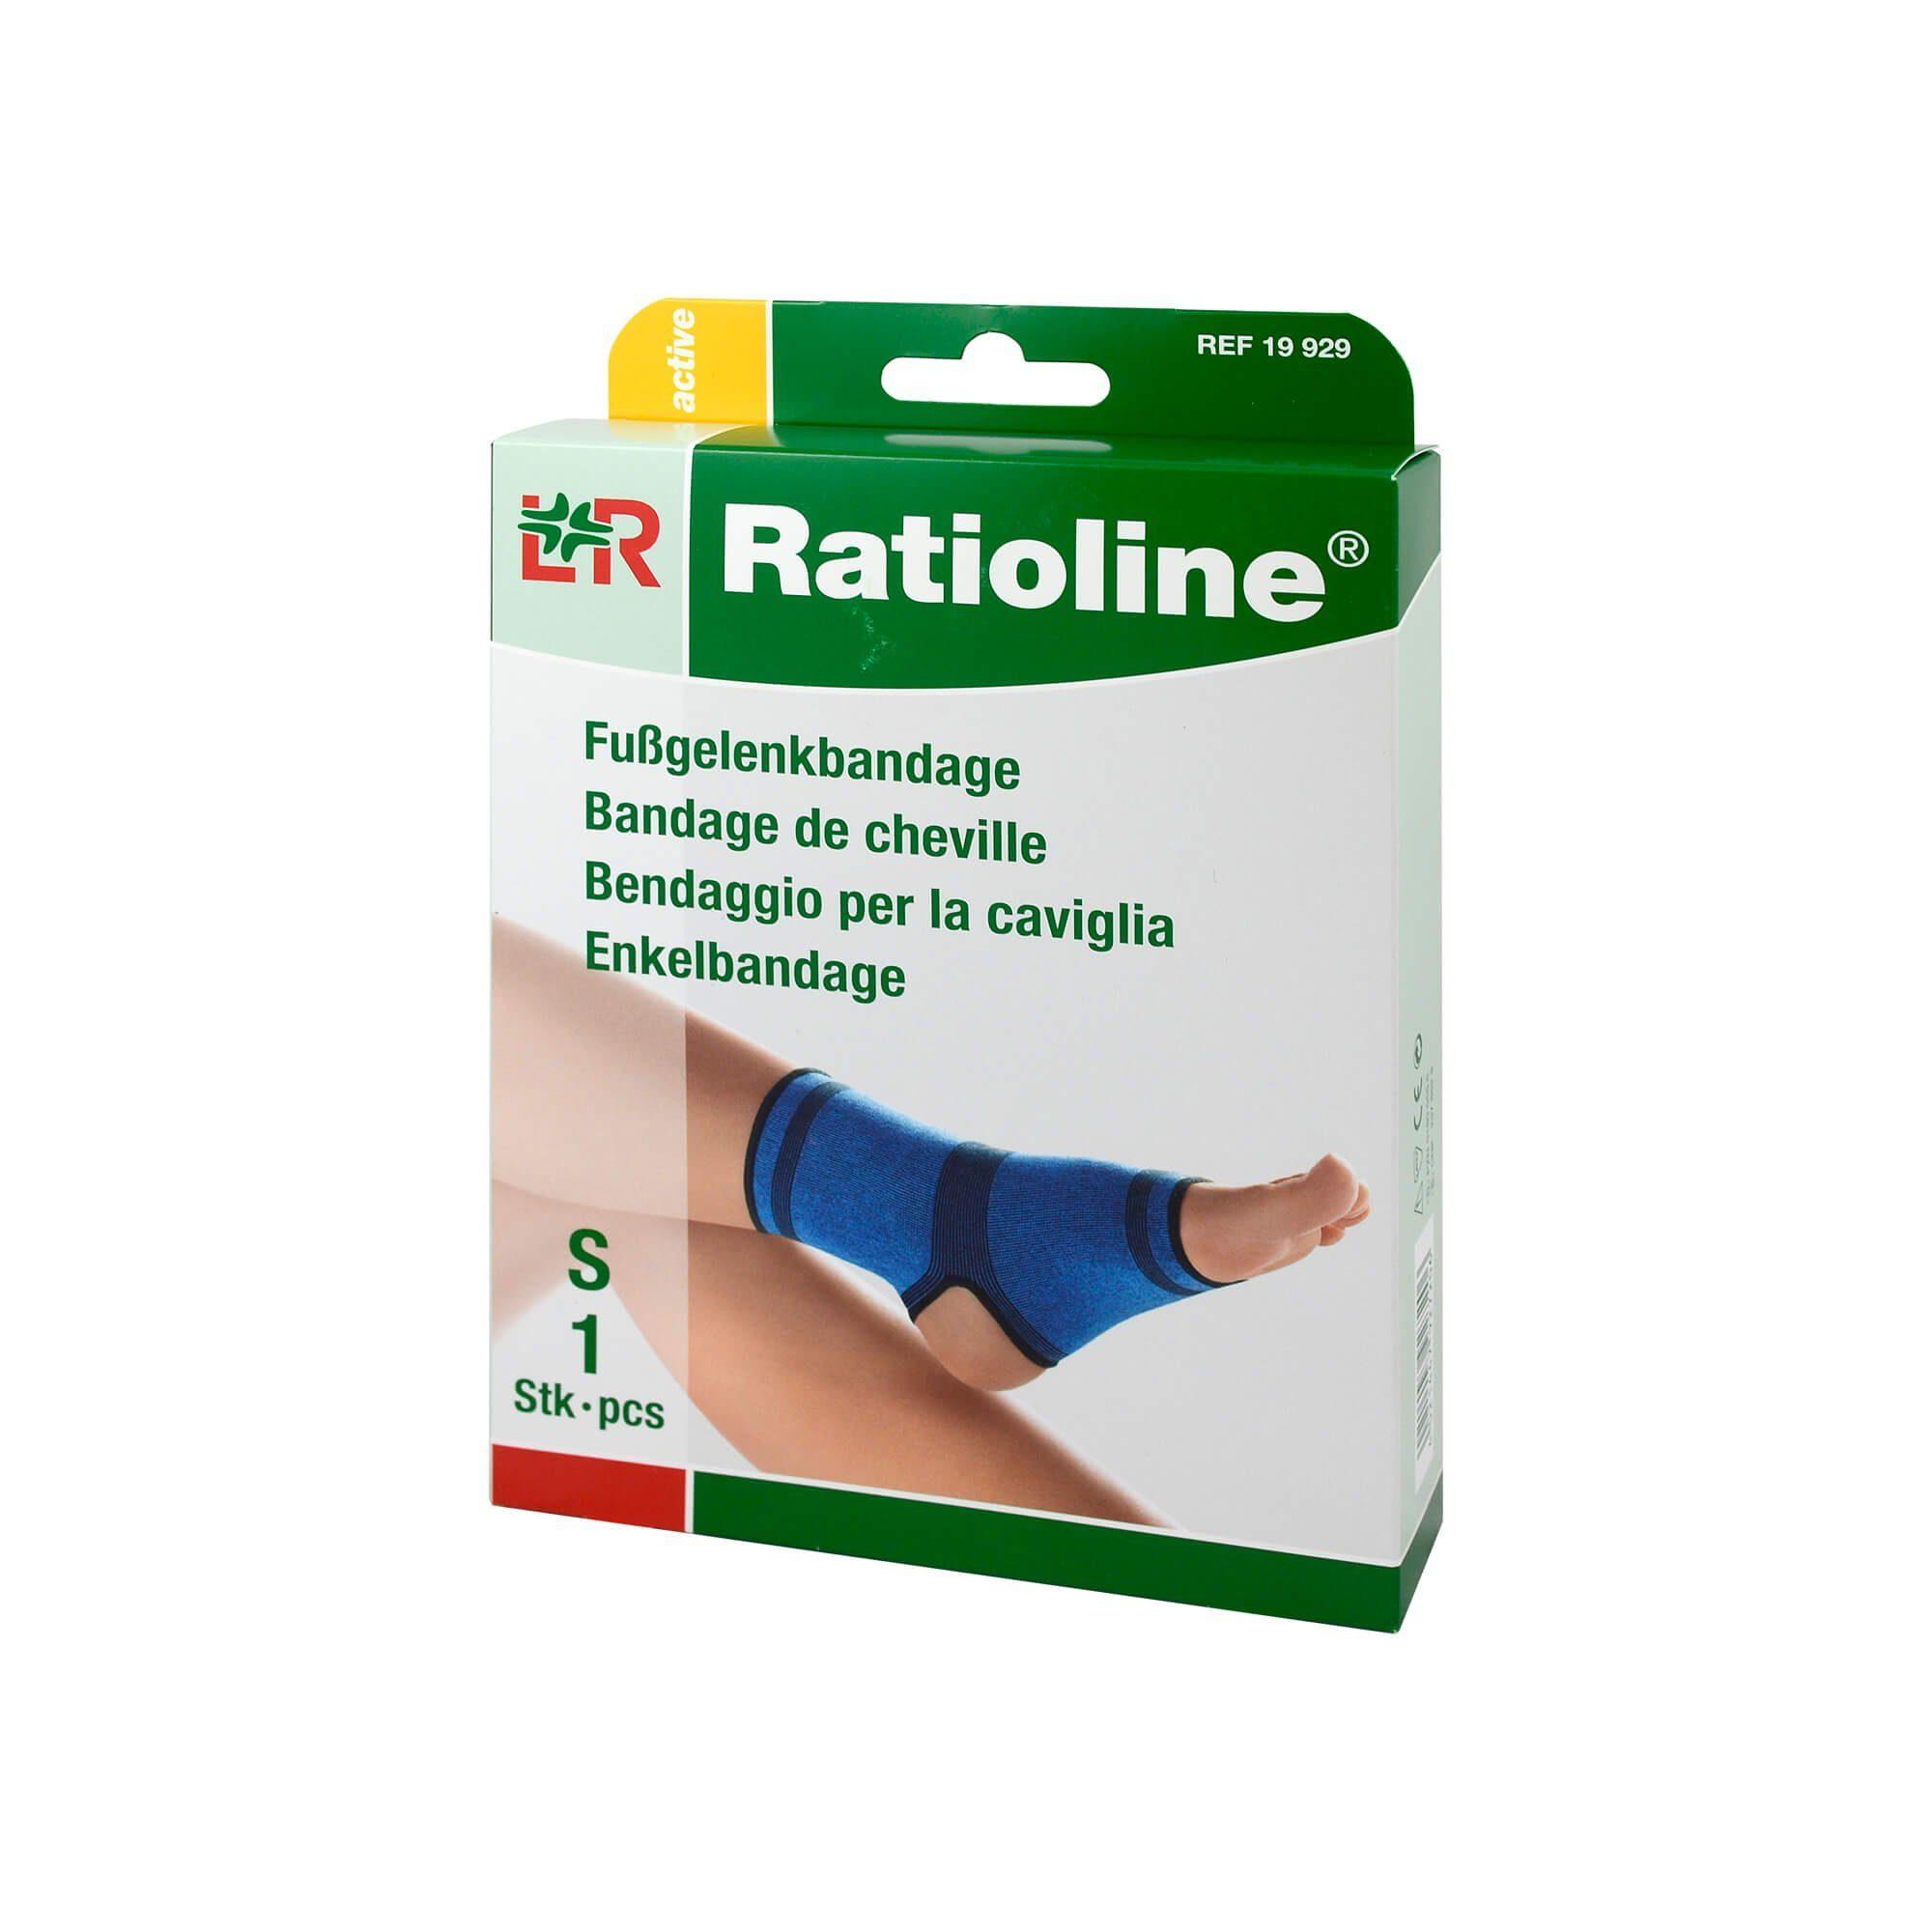 Ratioline Active Fußgelenkbandage Größe S , 1 St